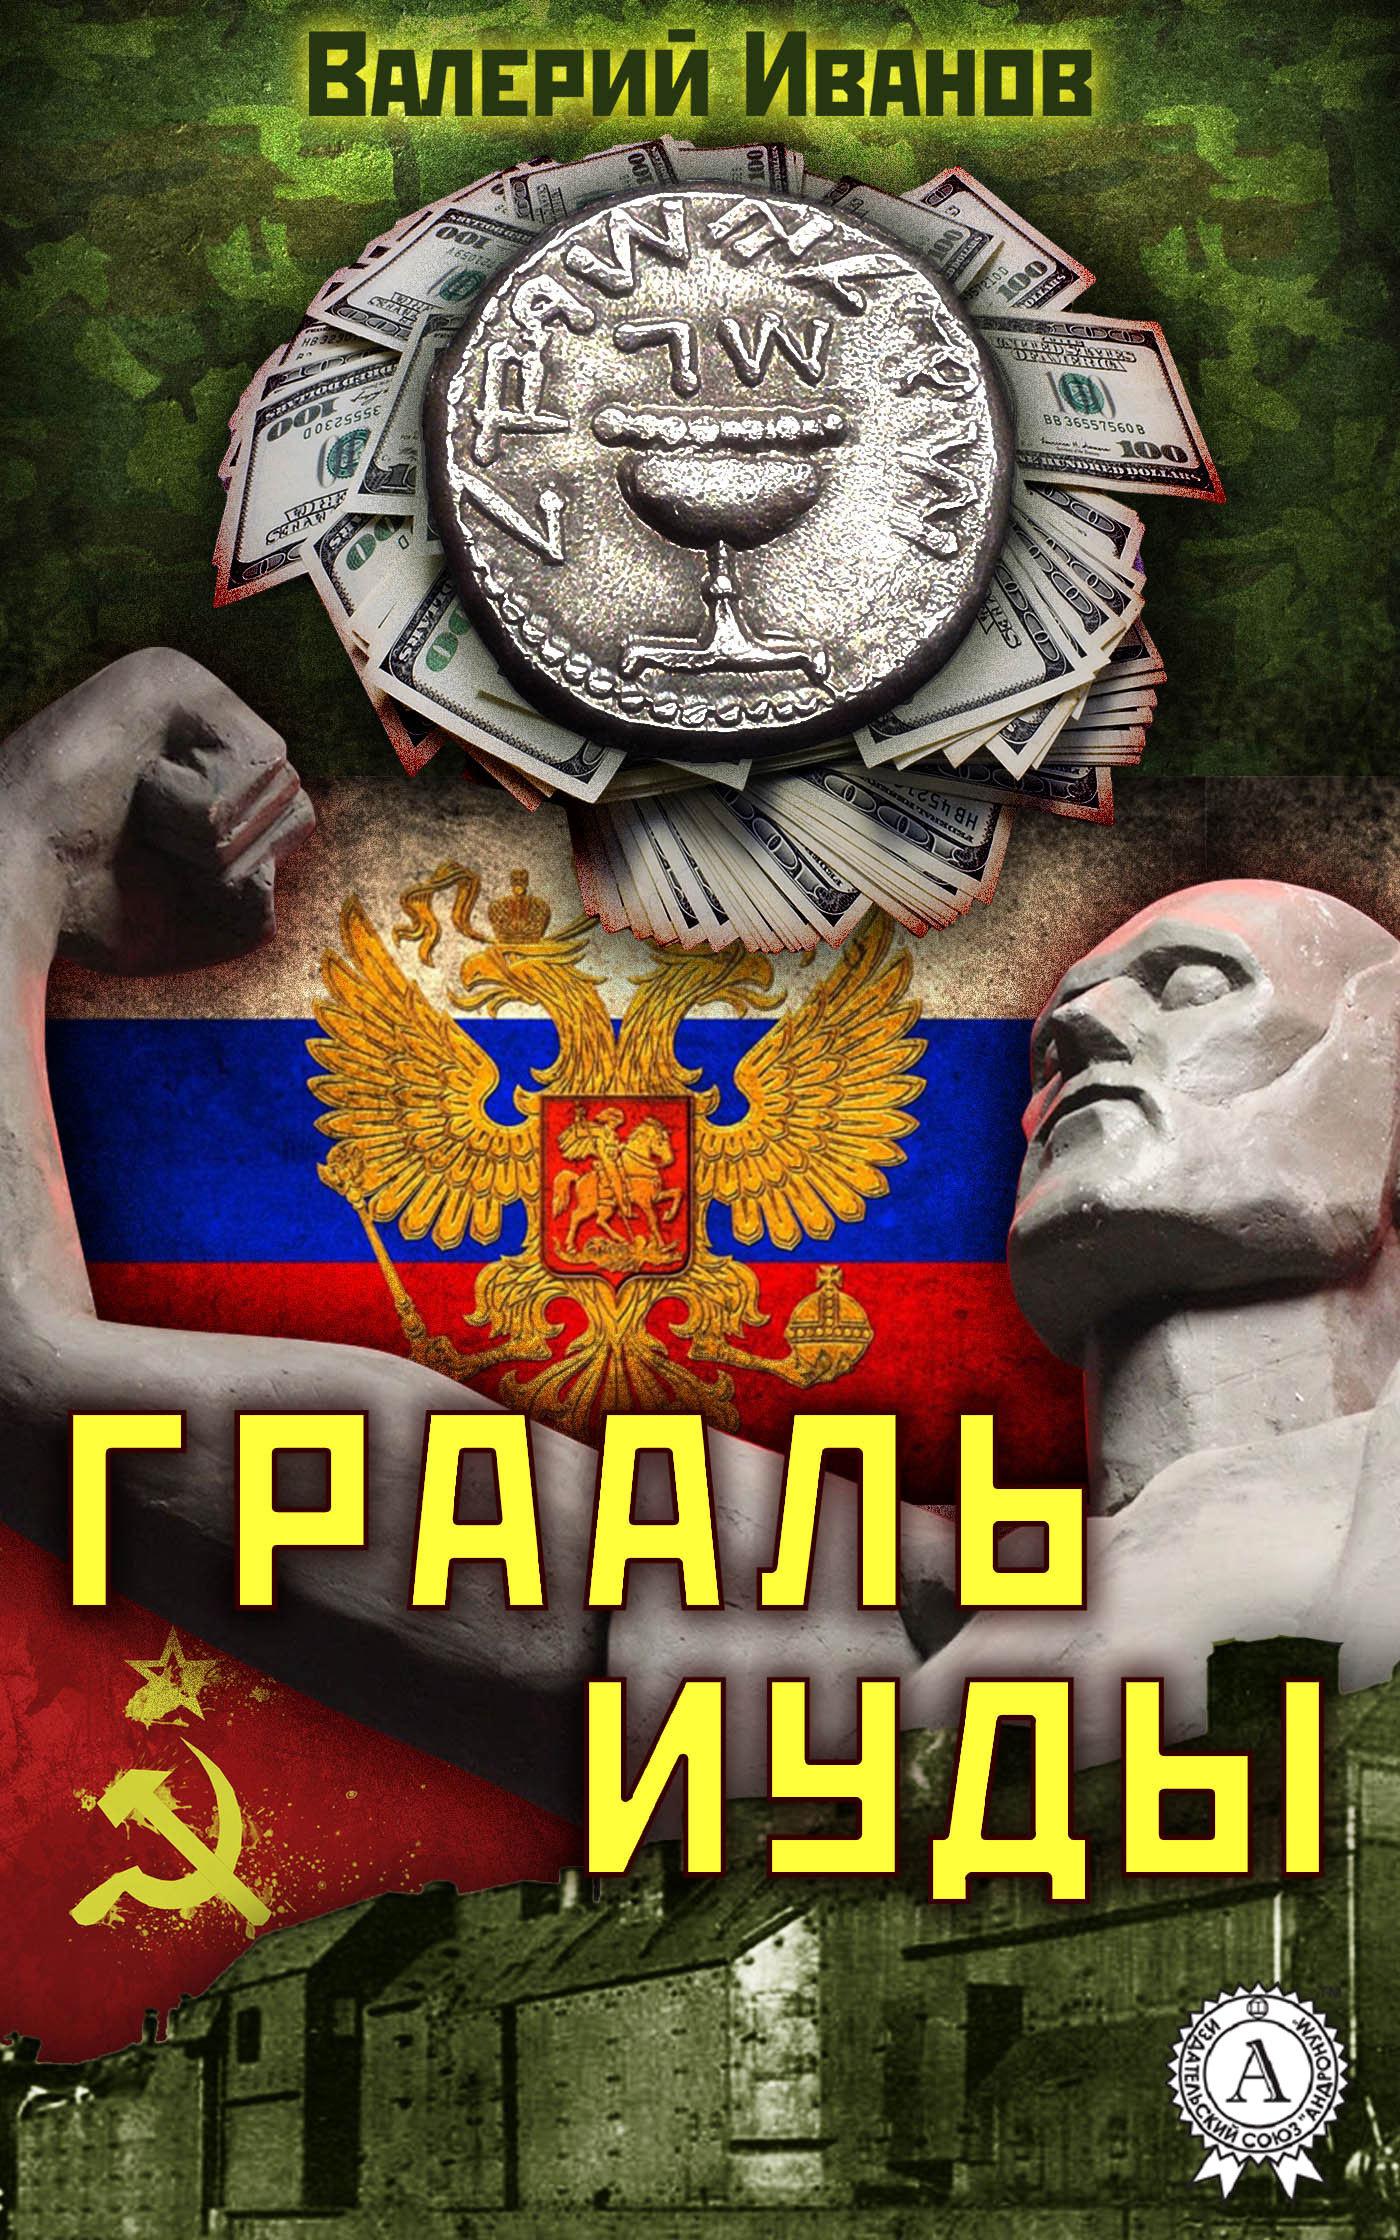 Валерий Иванов Грааль Иуды антон ледовских город живых